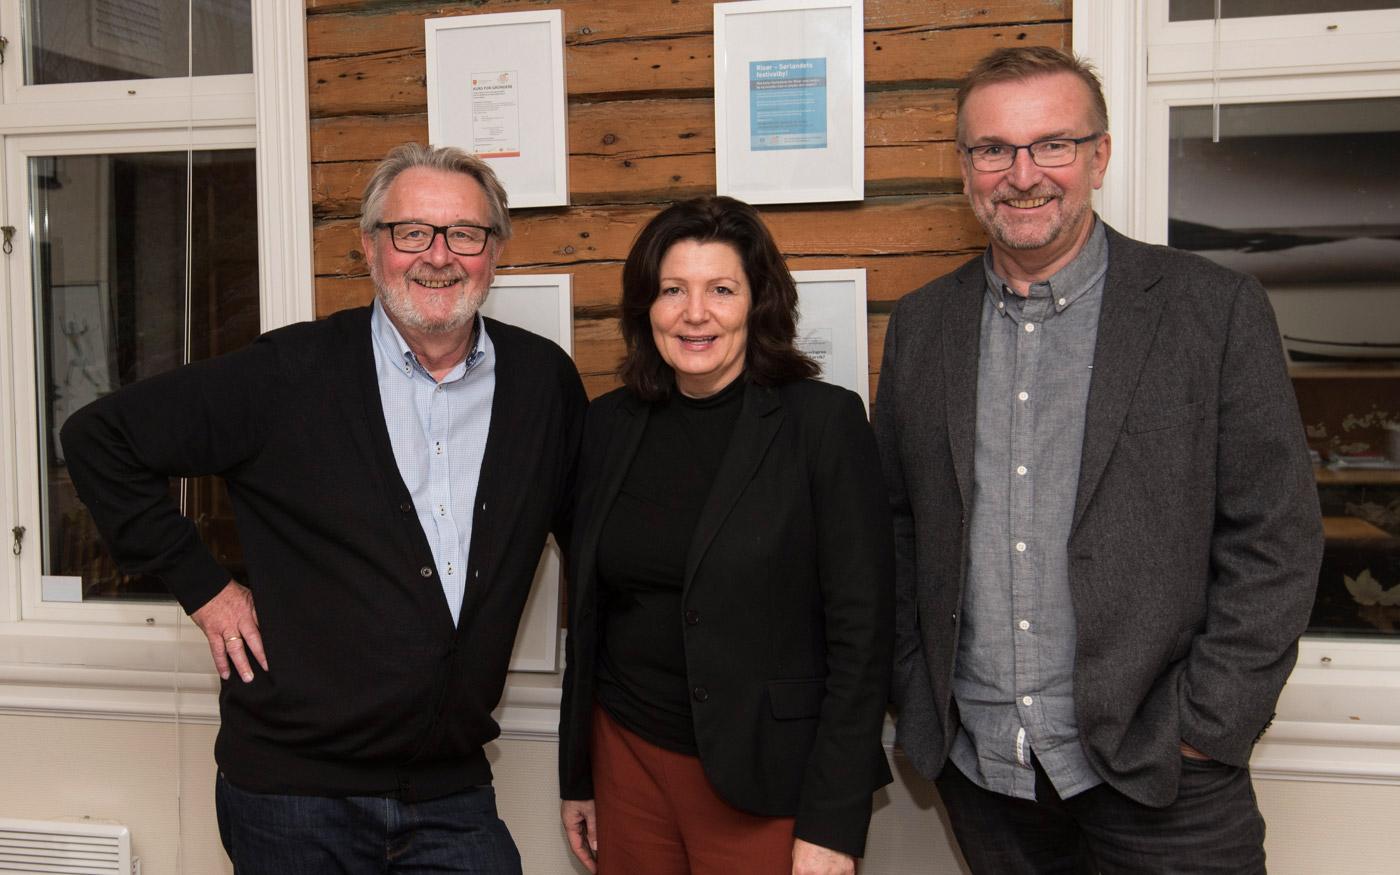 Fra venstre: Daglig leder Michel Esnault, styreleder Hanne-Lisbet Løite og styremedlem Tor Kristian Johansen.  Tekst og foto: Tor Myrberg.